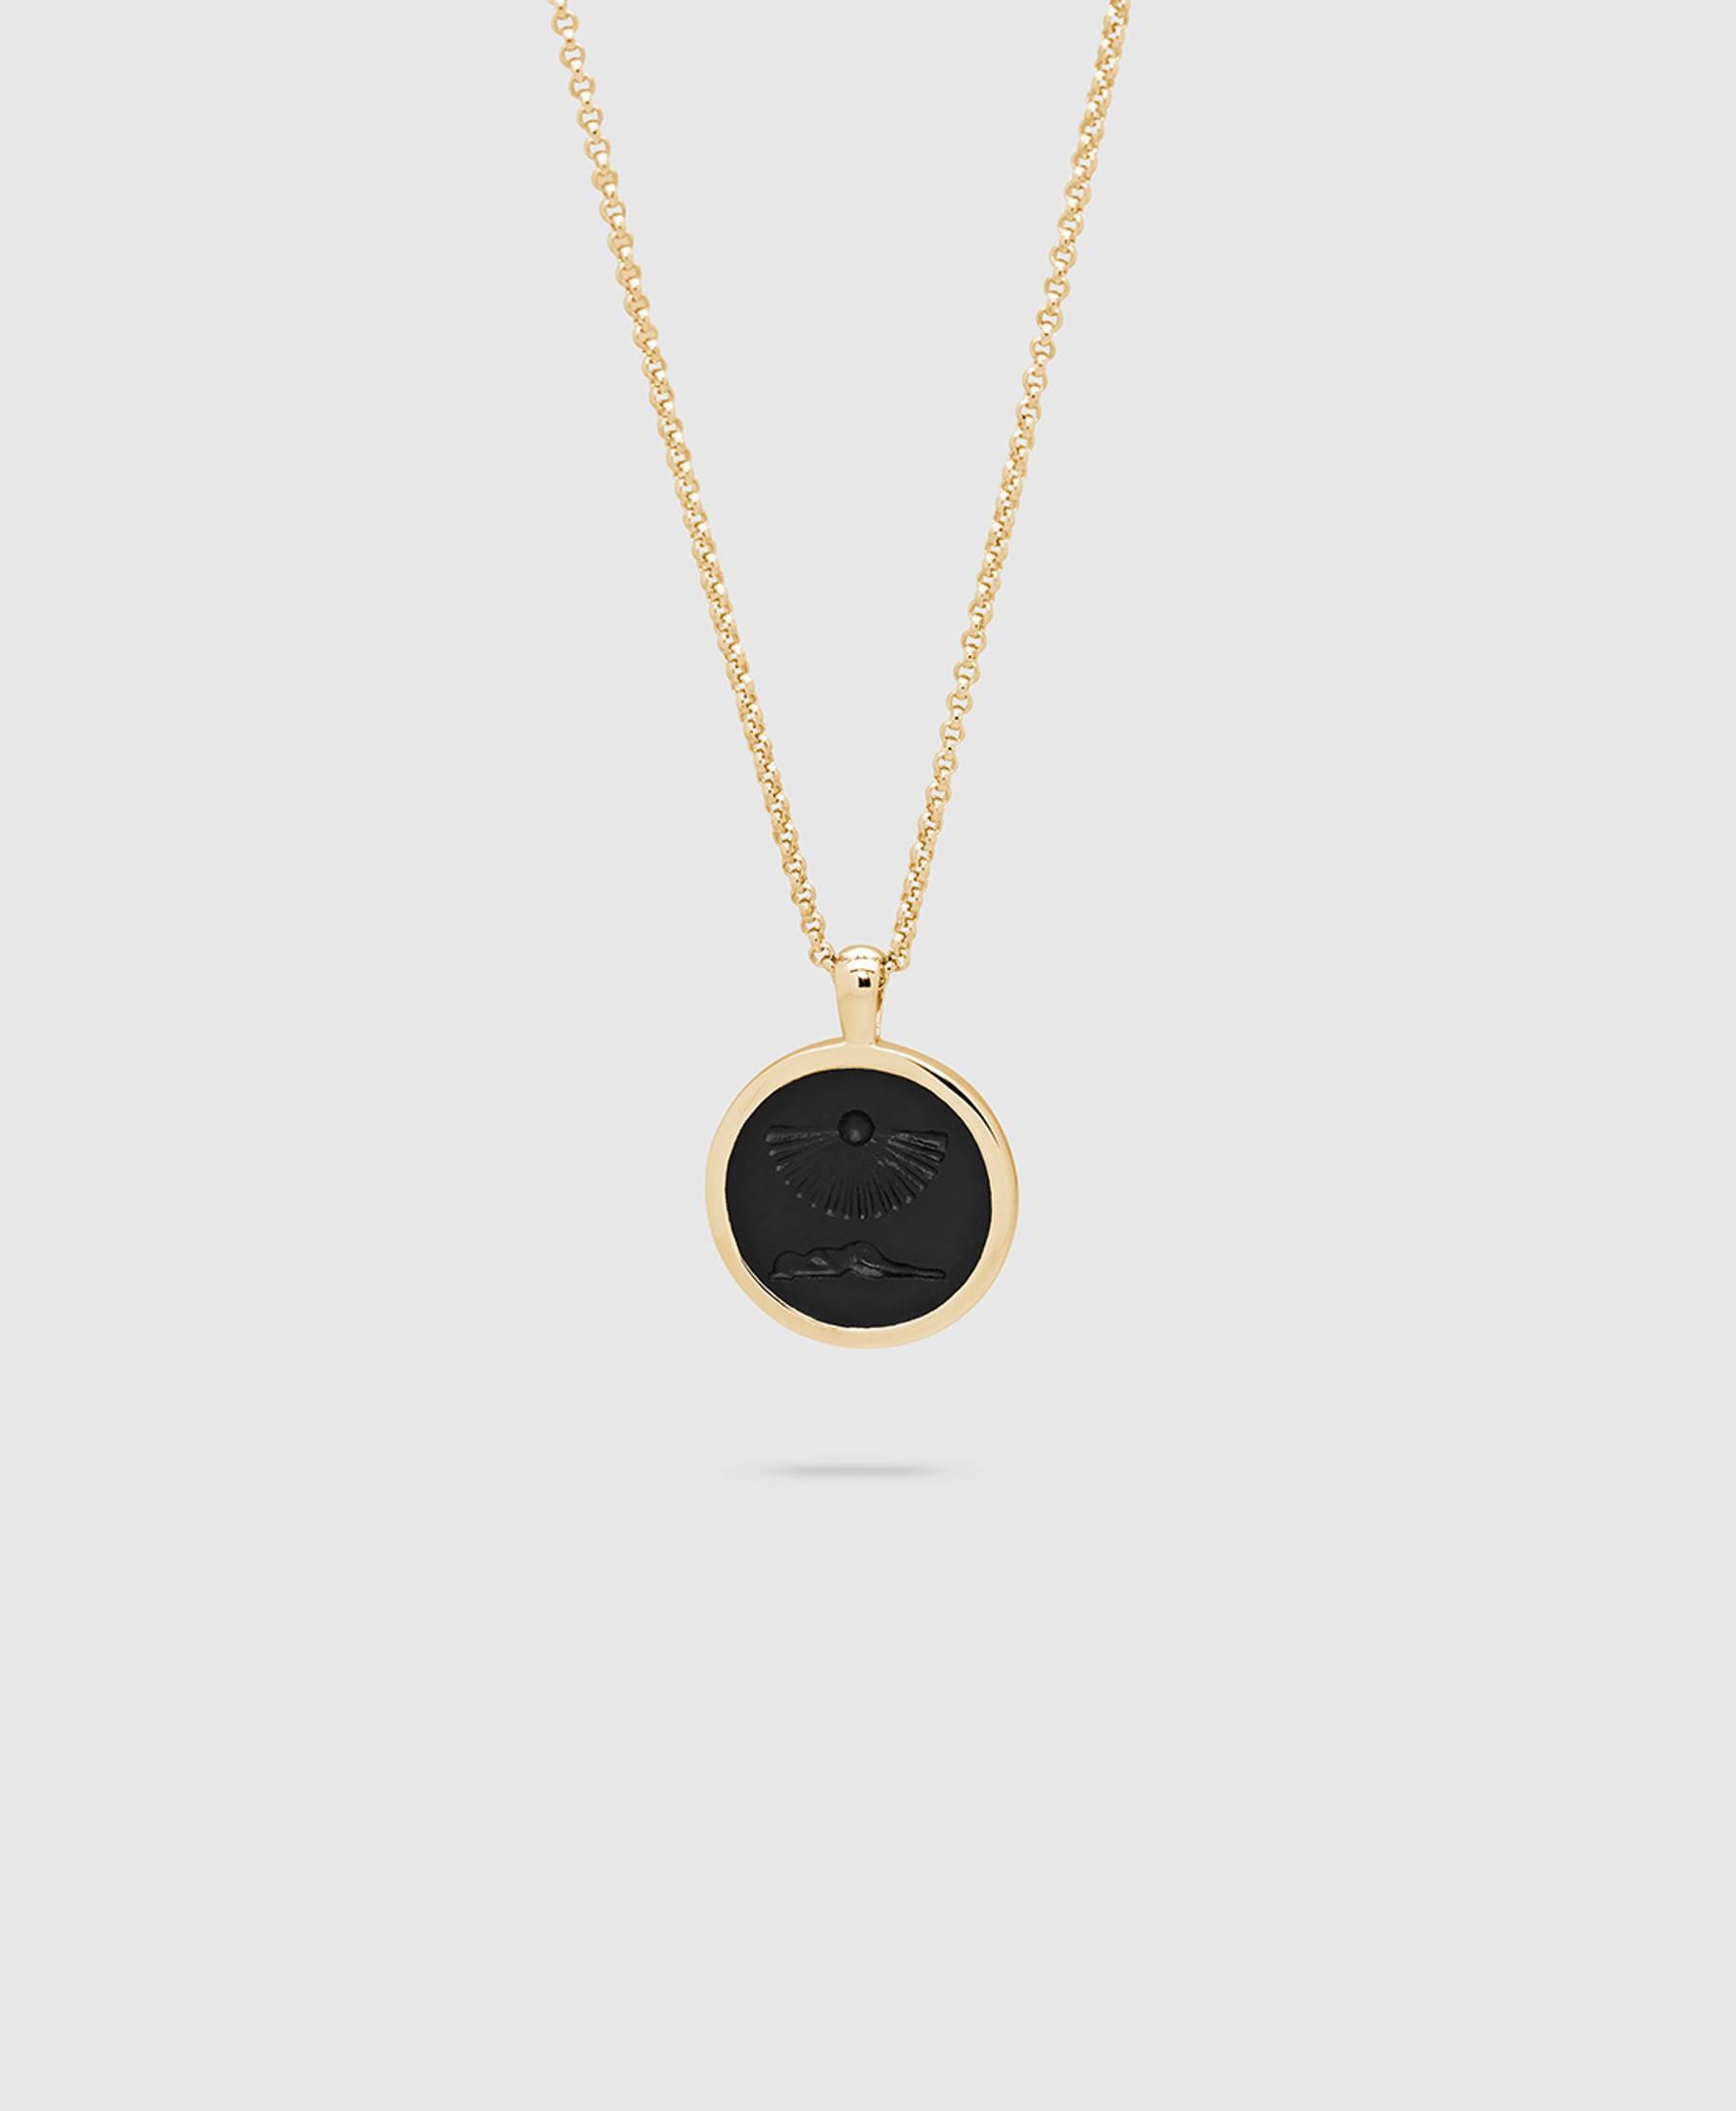 Clytia Onyx Pendant S Gold